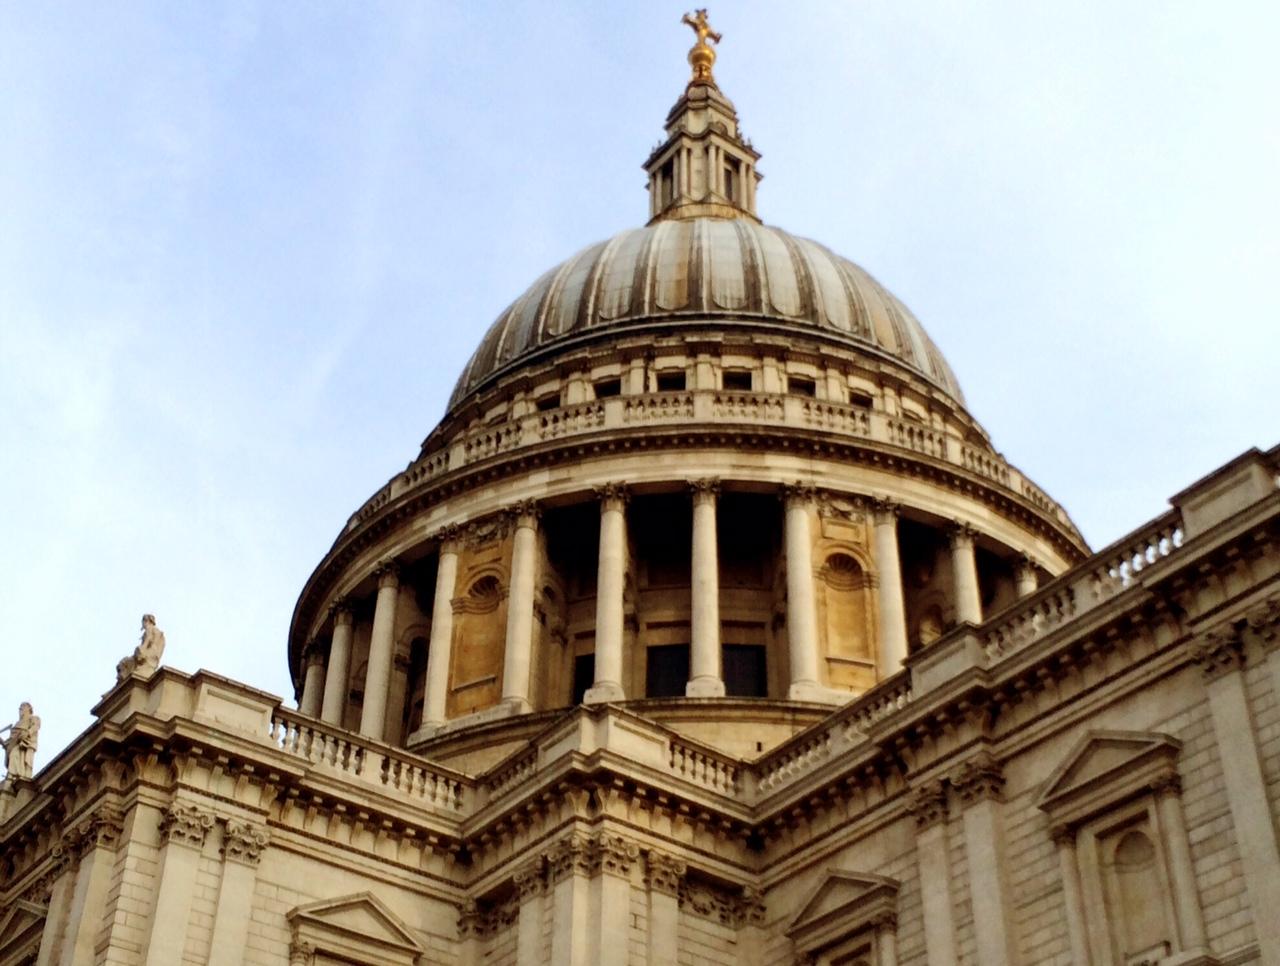 St. Pauls cathedral - Klassiek Londe